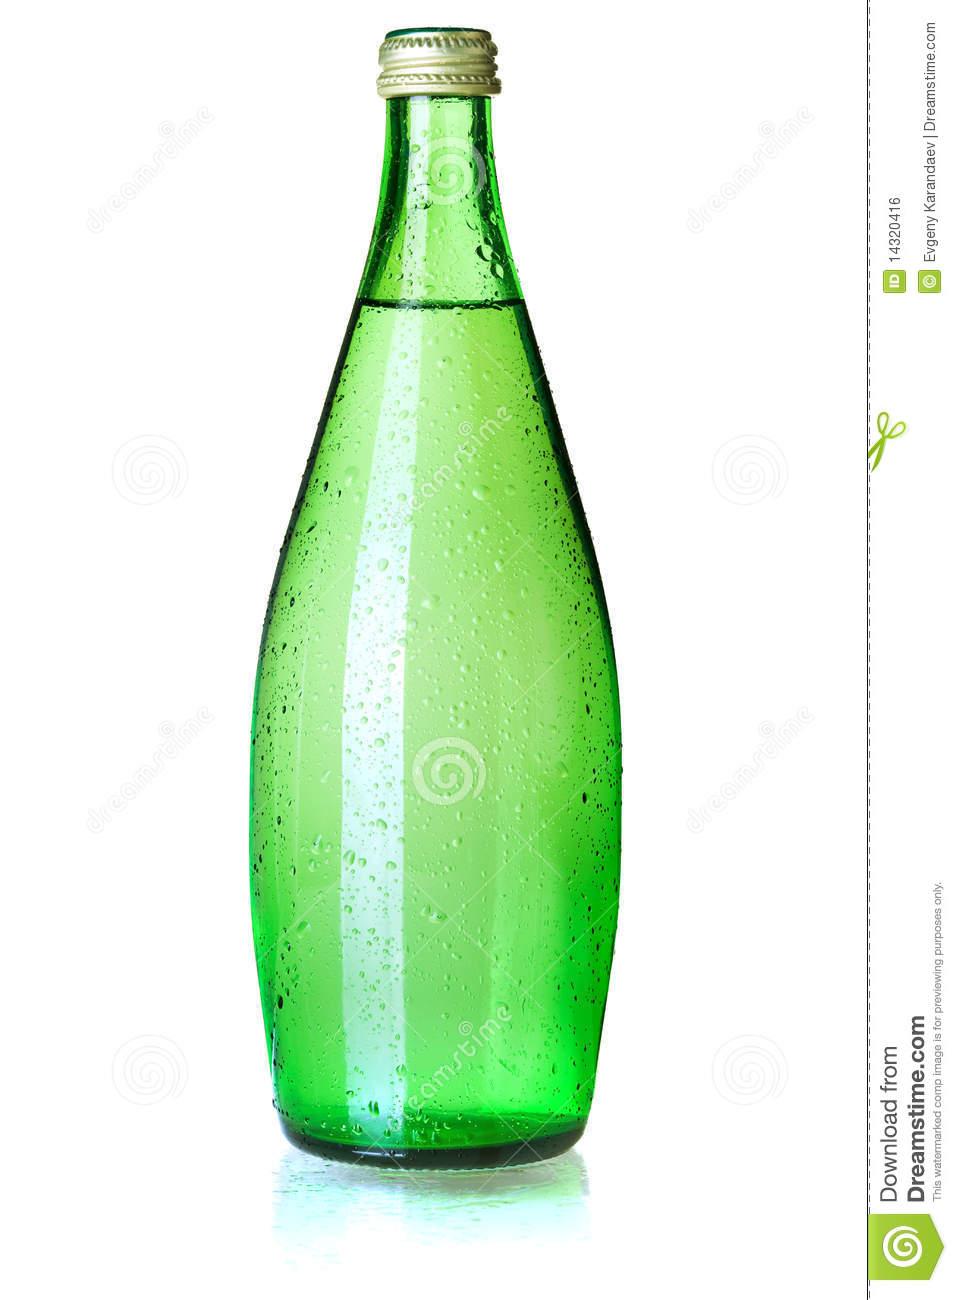 Bottle clipart glass bottle. Soda